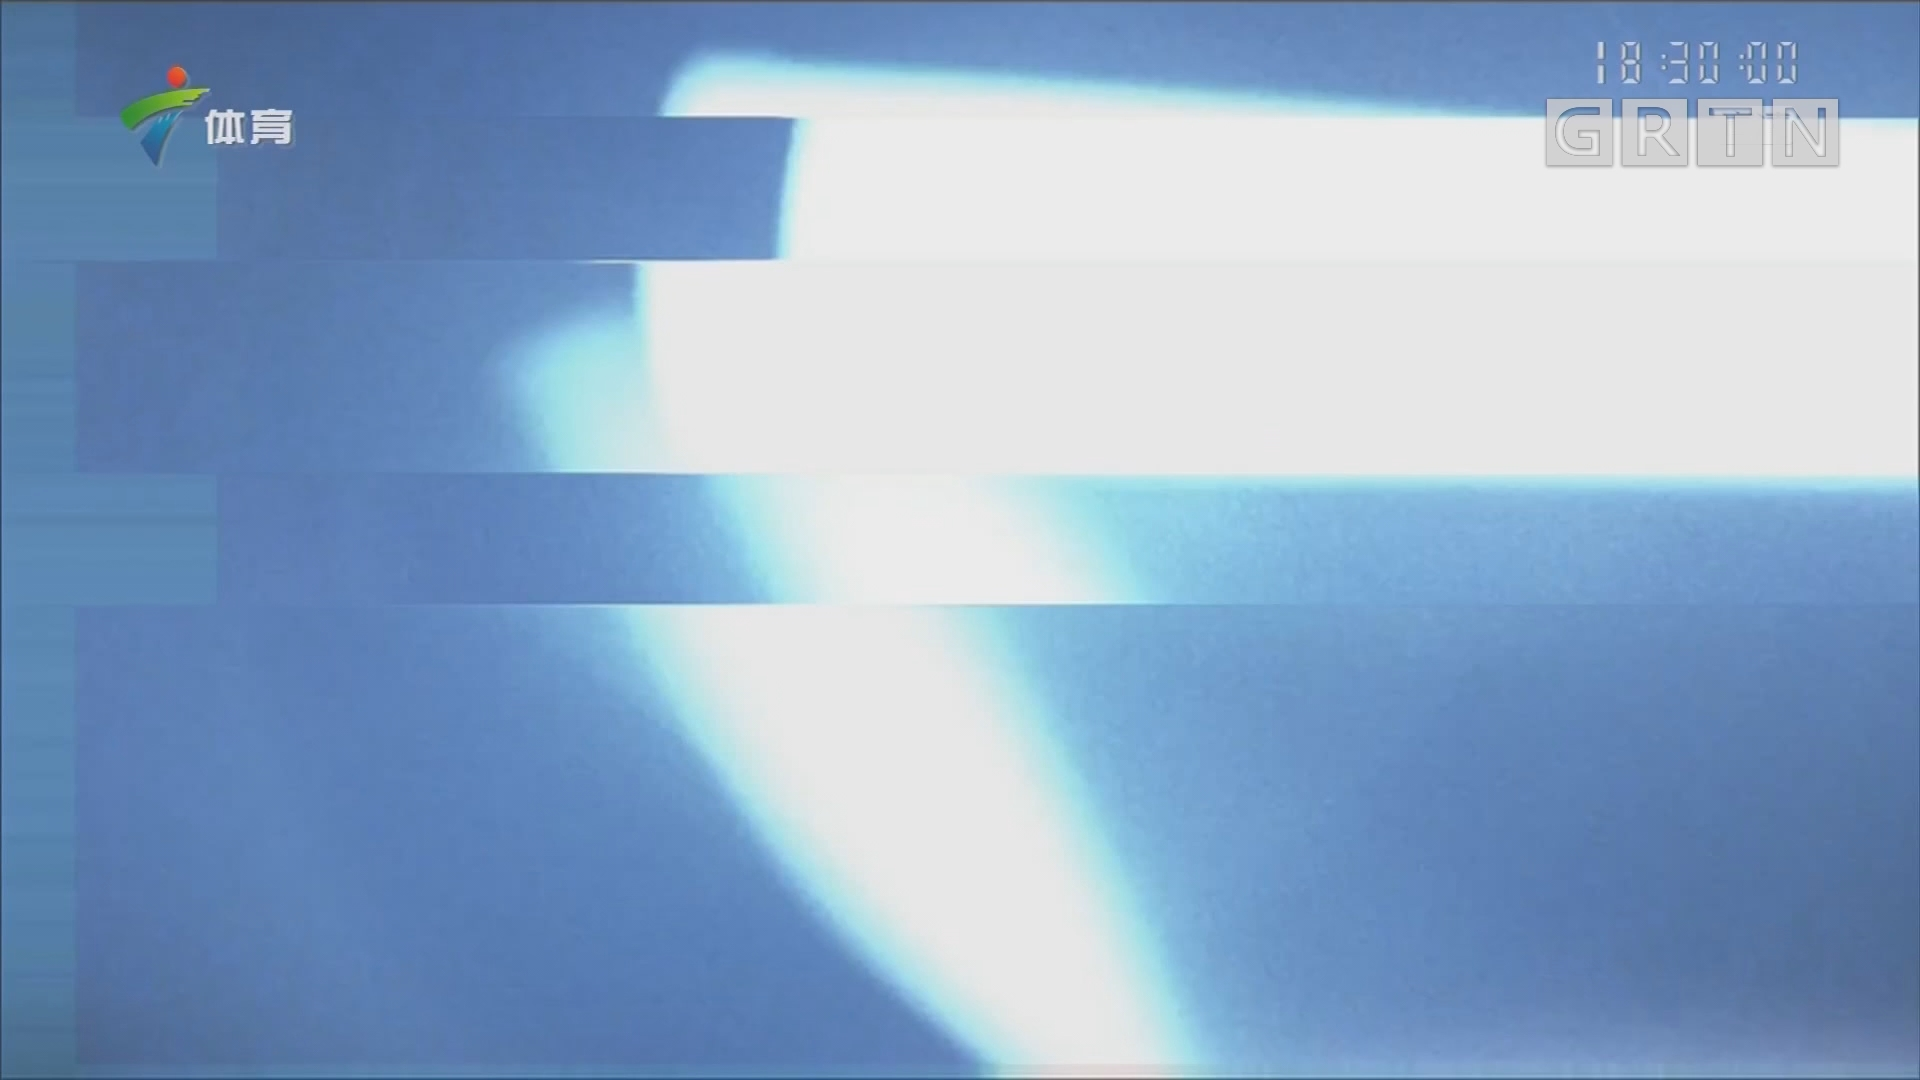 [HD][2019-10-08]体育世界:央视声明:立即暂停NBA赛事转播 排查一切合作